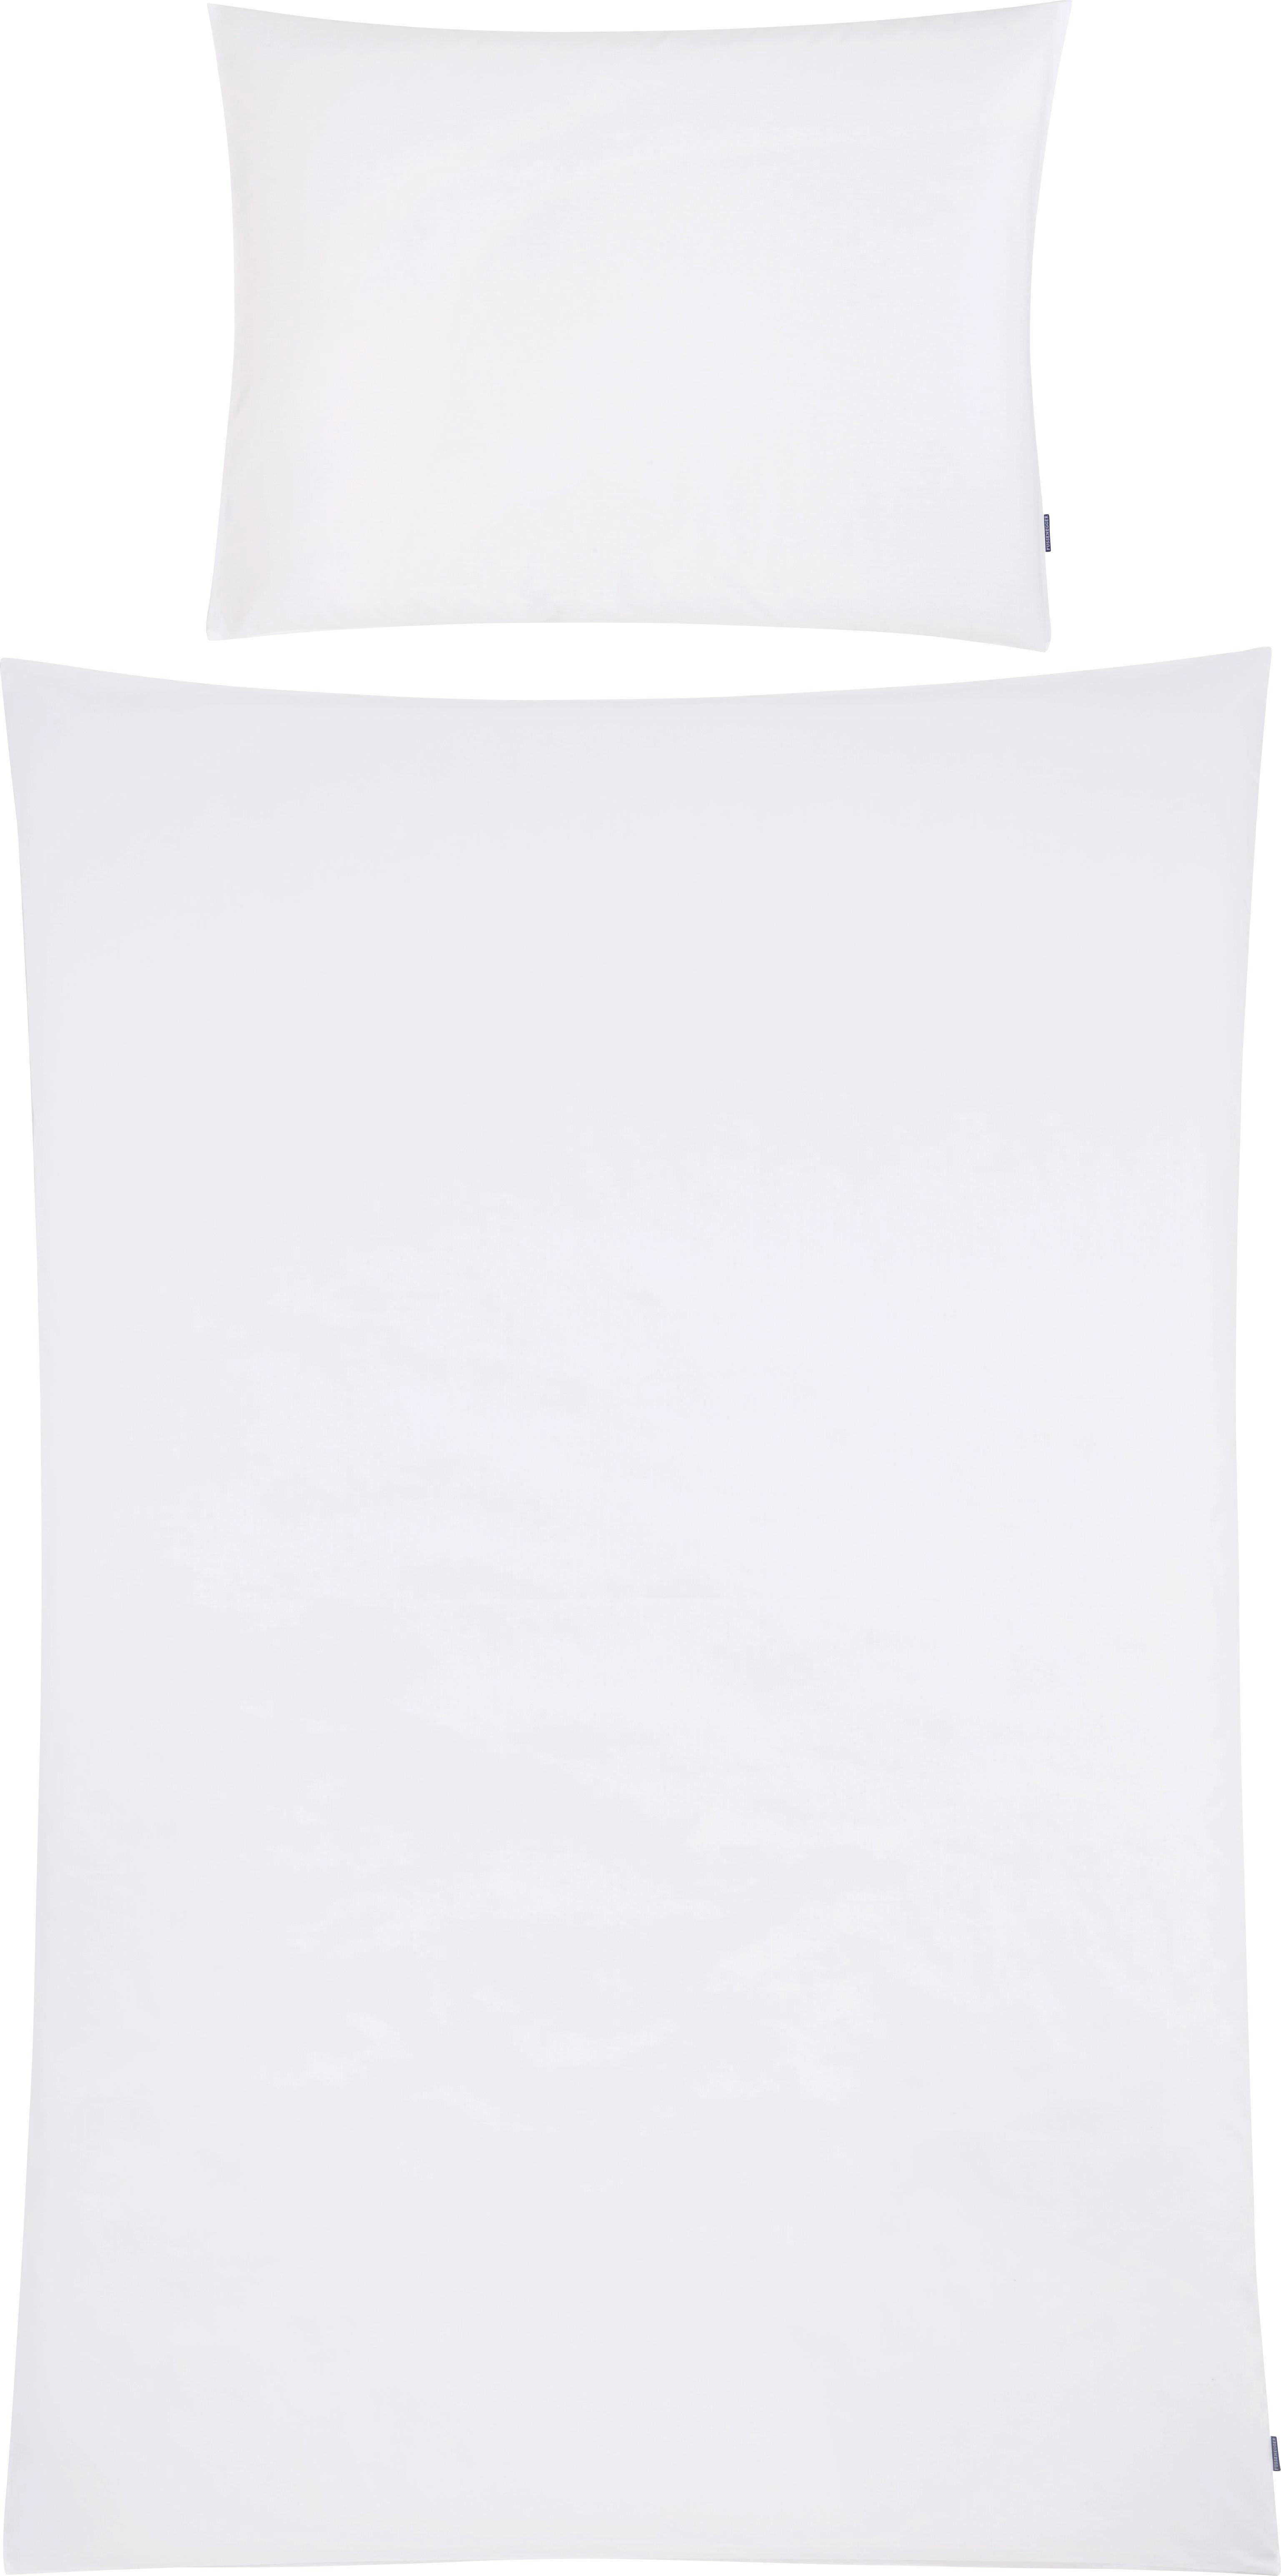 BETTWÄSCHE 140/200 cm - Weiß, Design, Textil (140/200cm) - FUSSENEGGER